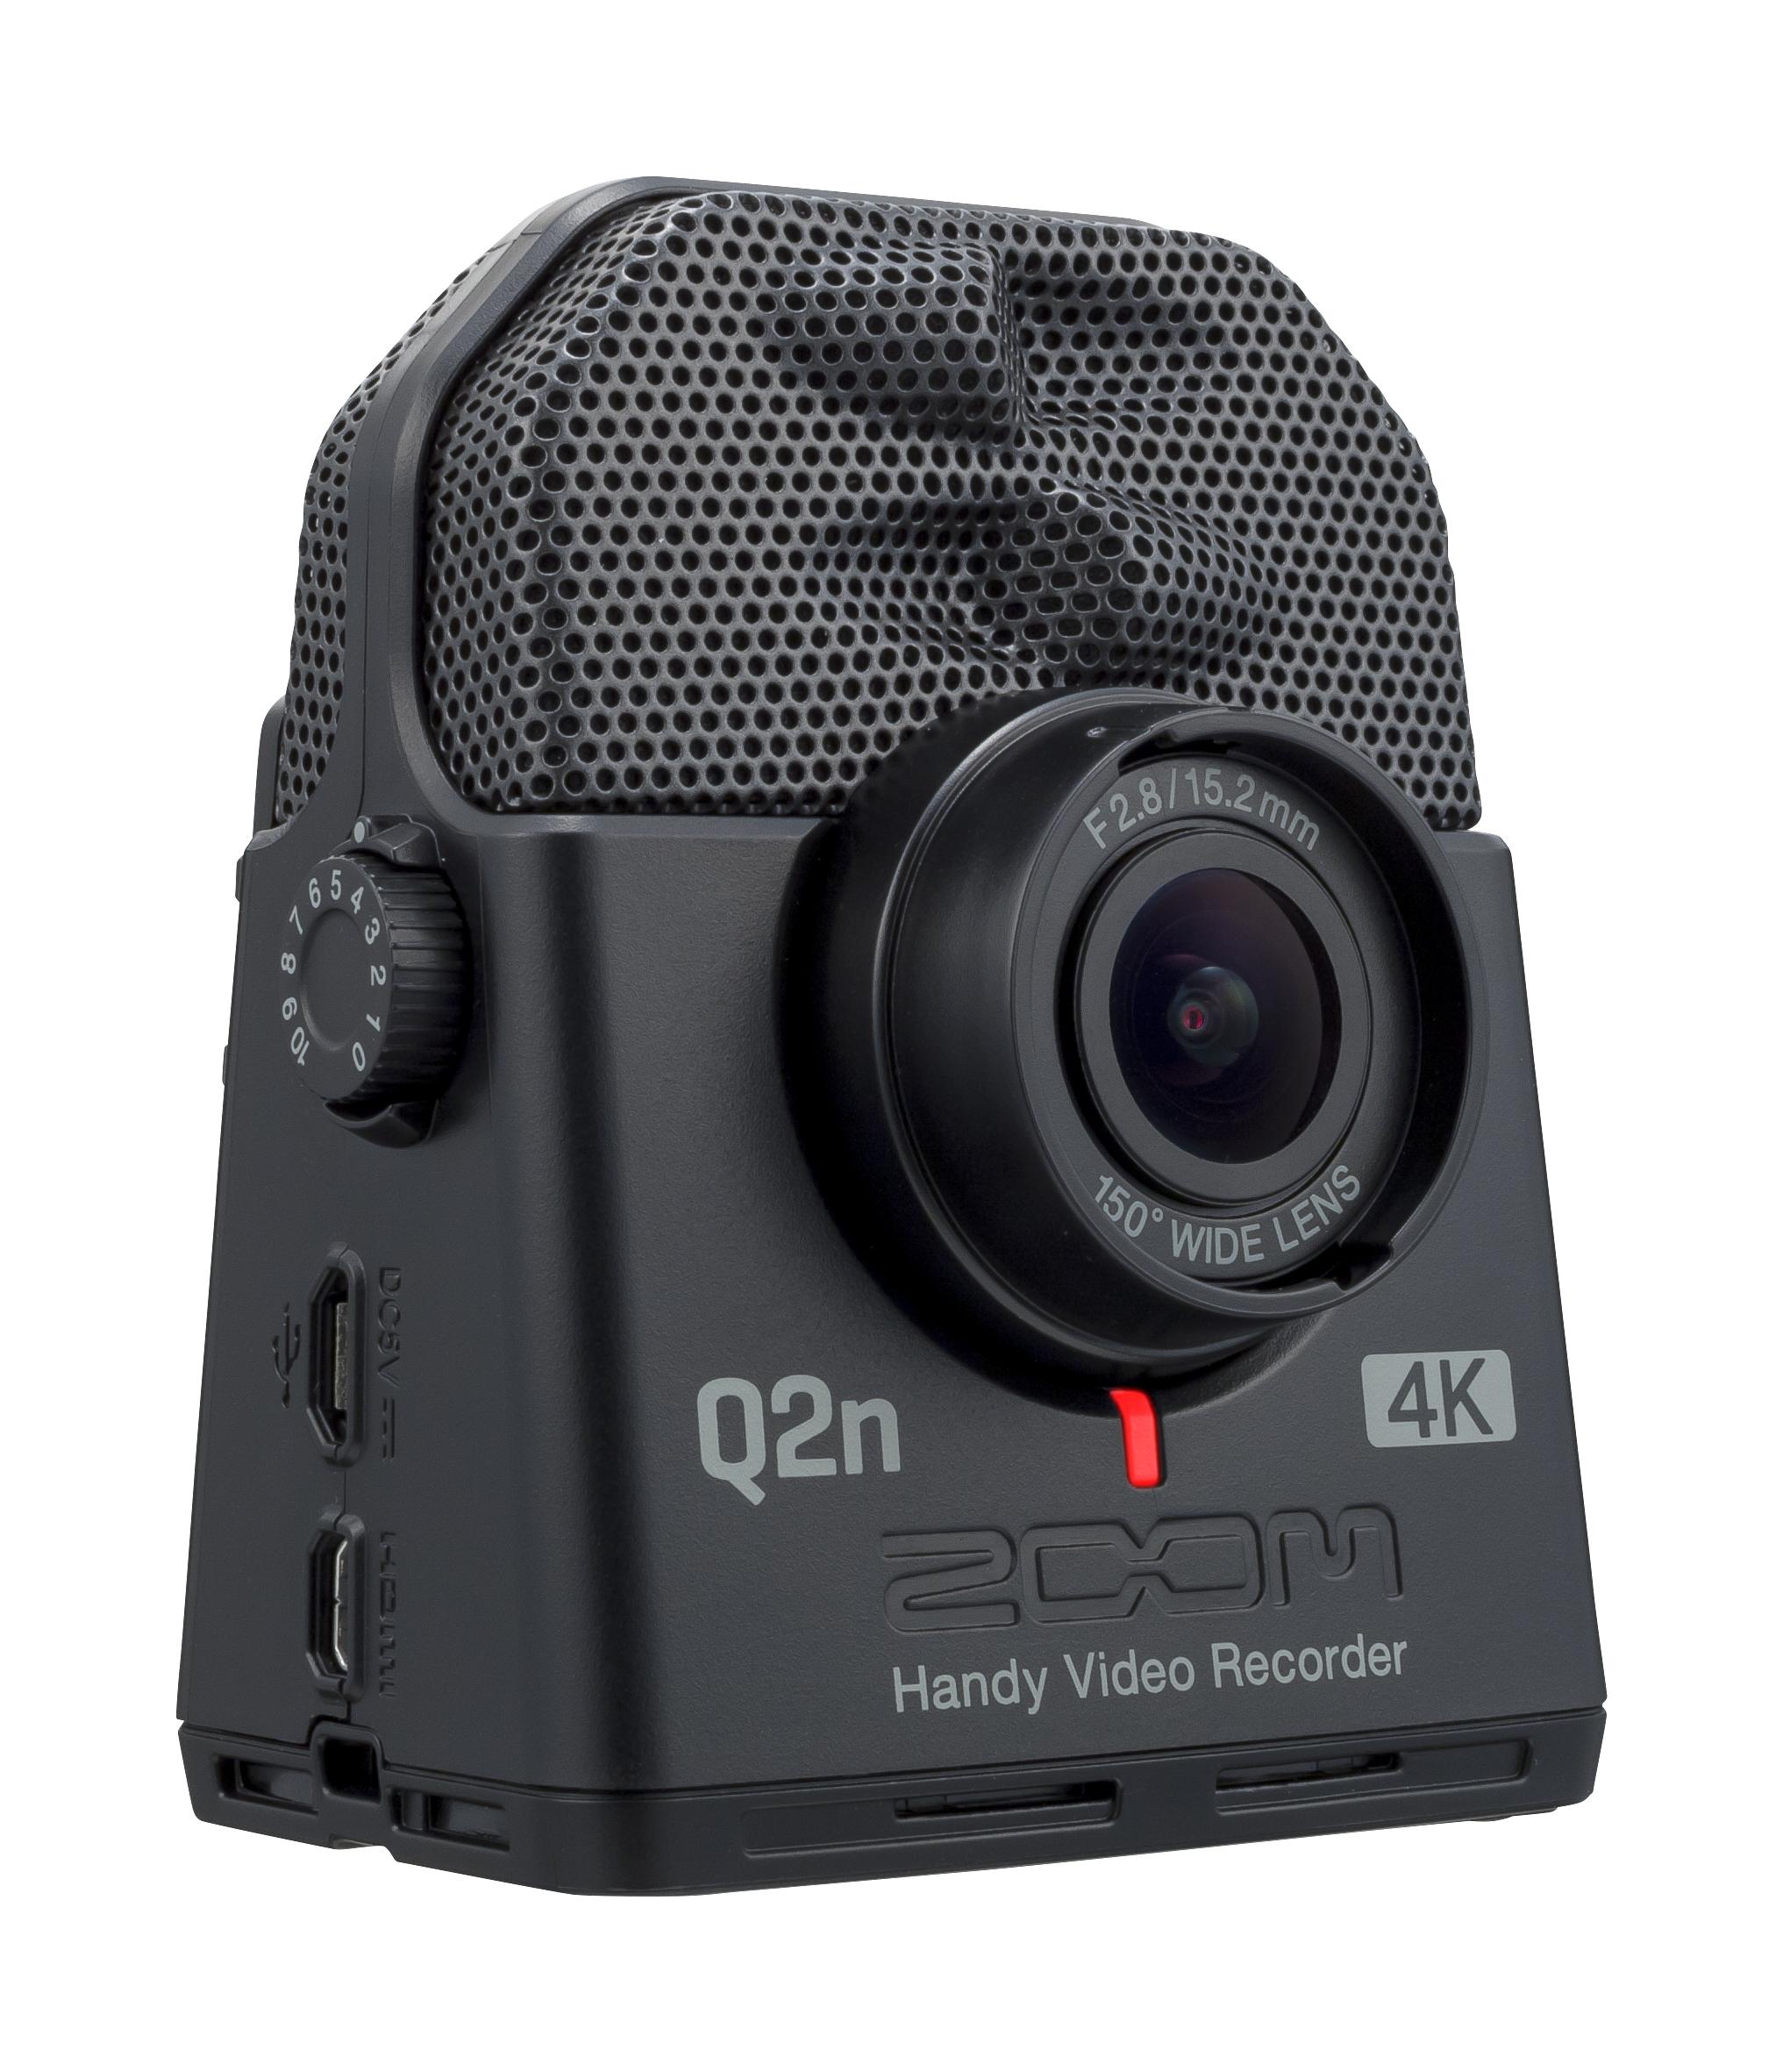 q2n 4k handy video recorder zoom. Black Bedroom Furniture Sets. Home Design Ideas